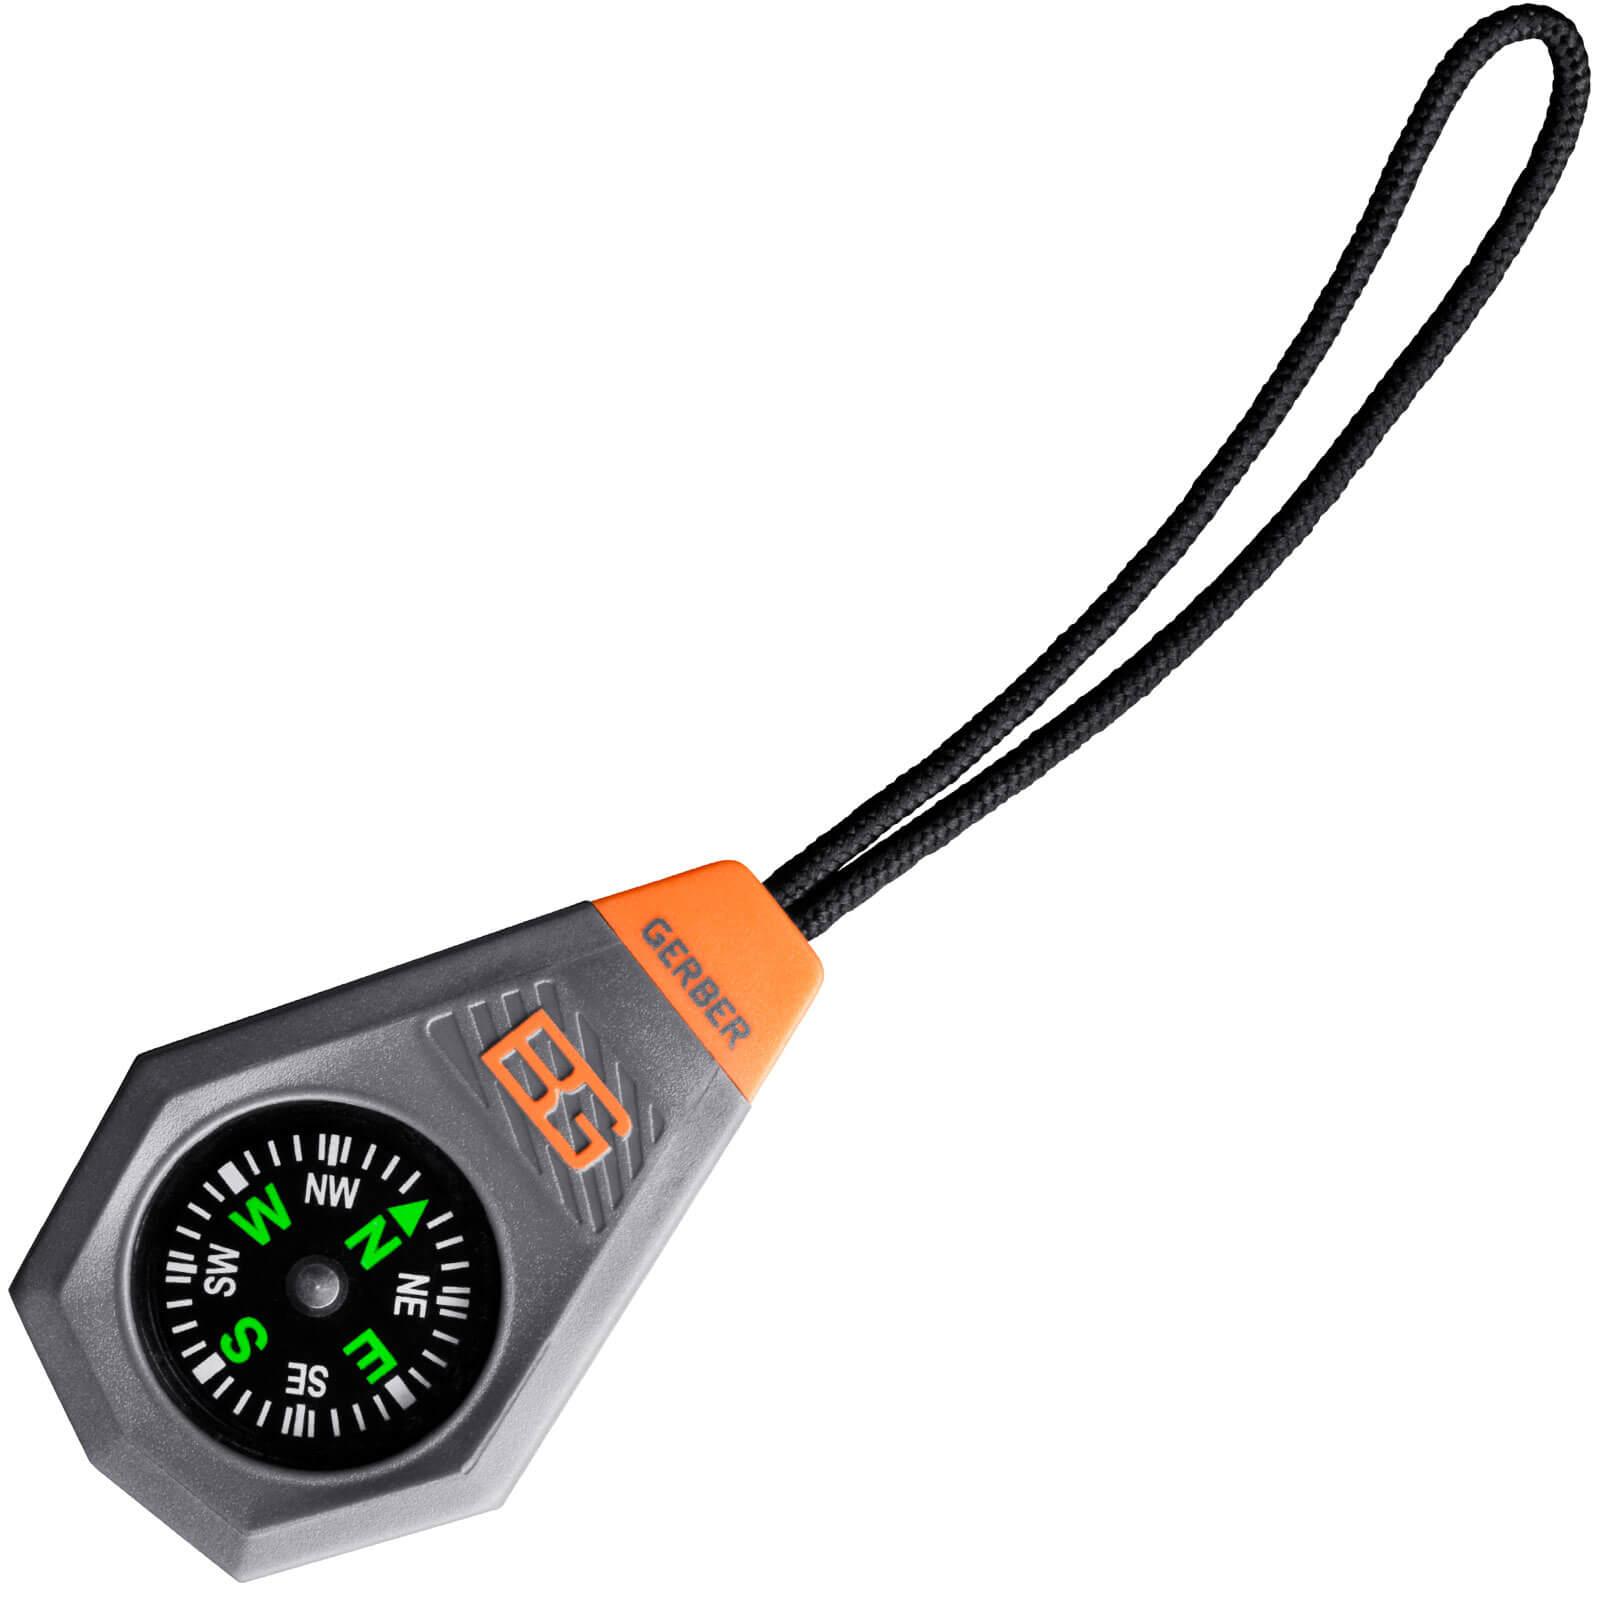 Image of Gerber Bear Grylls Compact Compass